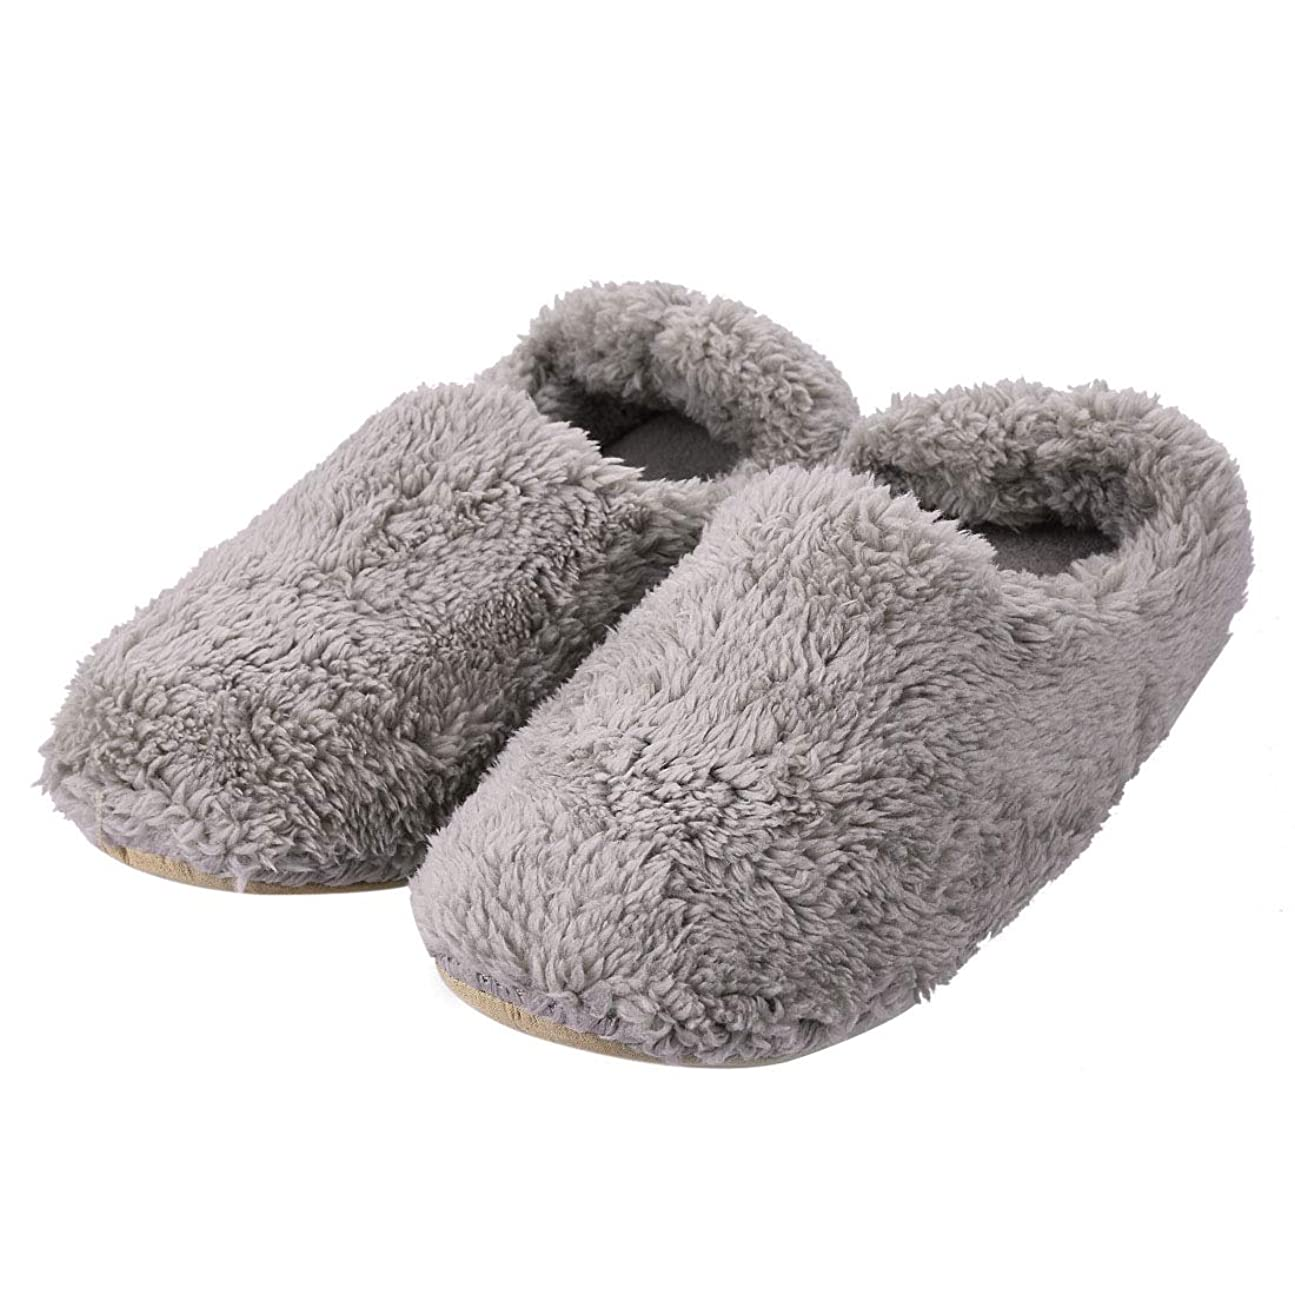 証拠ミリメーター床を掃除する[Pinji] 北欧 スリッパ 冬 可愛い ボアスリッパ 静音 ルームシューズ 滑り止め 洗える 室内 抗菌防臭 通気 軽量 暖め 洗濯可 室内履き用 男女兼用